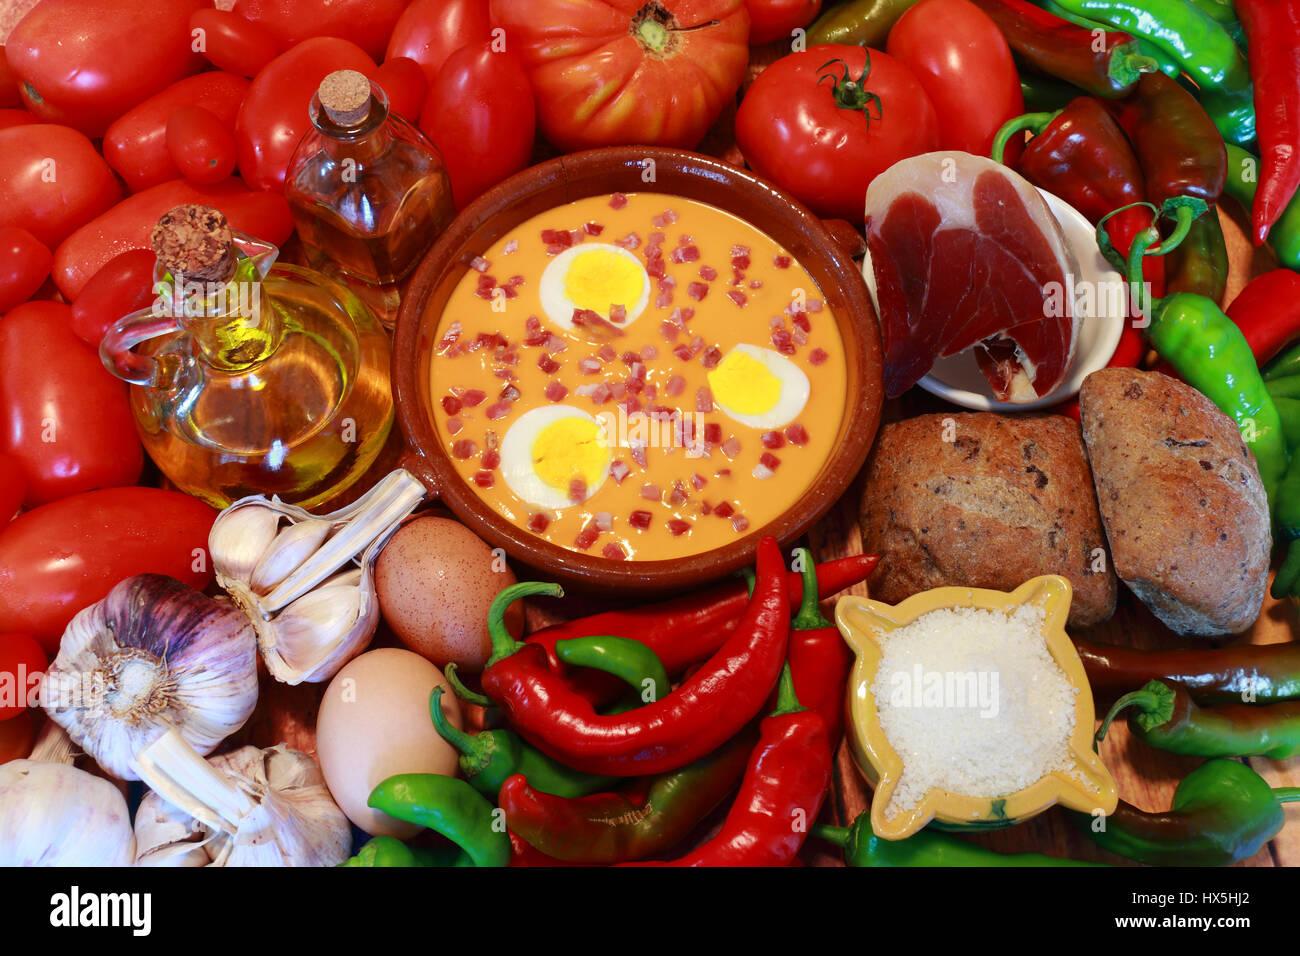 Salmorejo est une nourriture typique de l'Andalousie, dans le sud de l'Espagne. Ses ingrédients sont Photo Stock